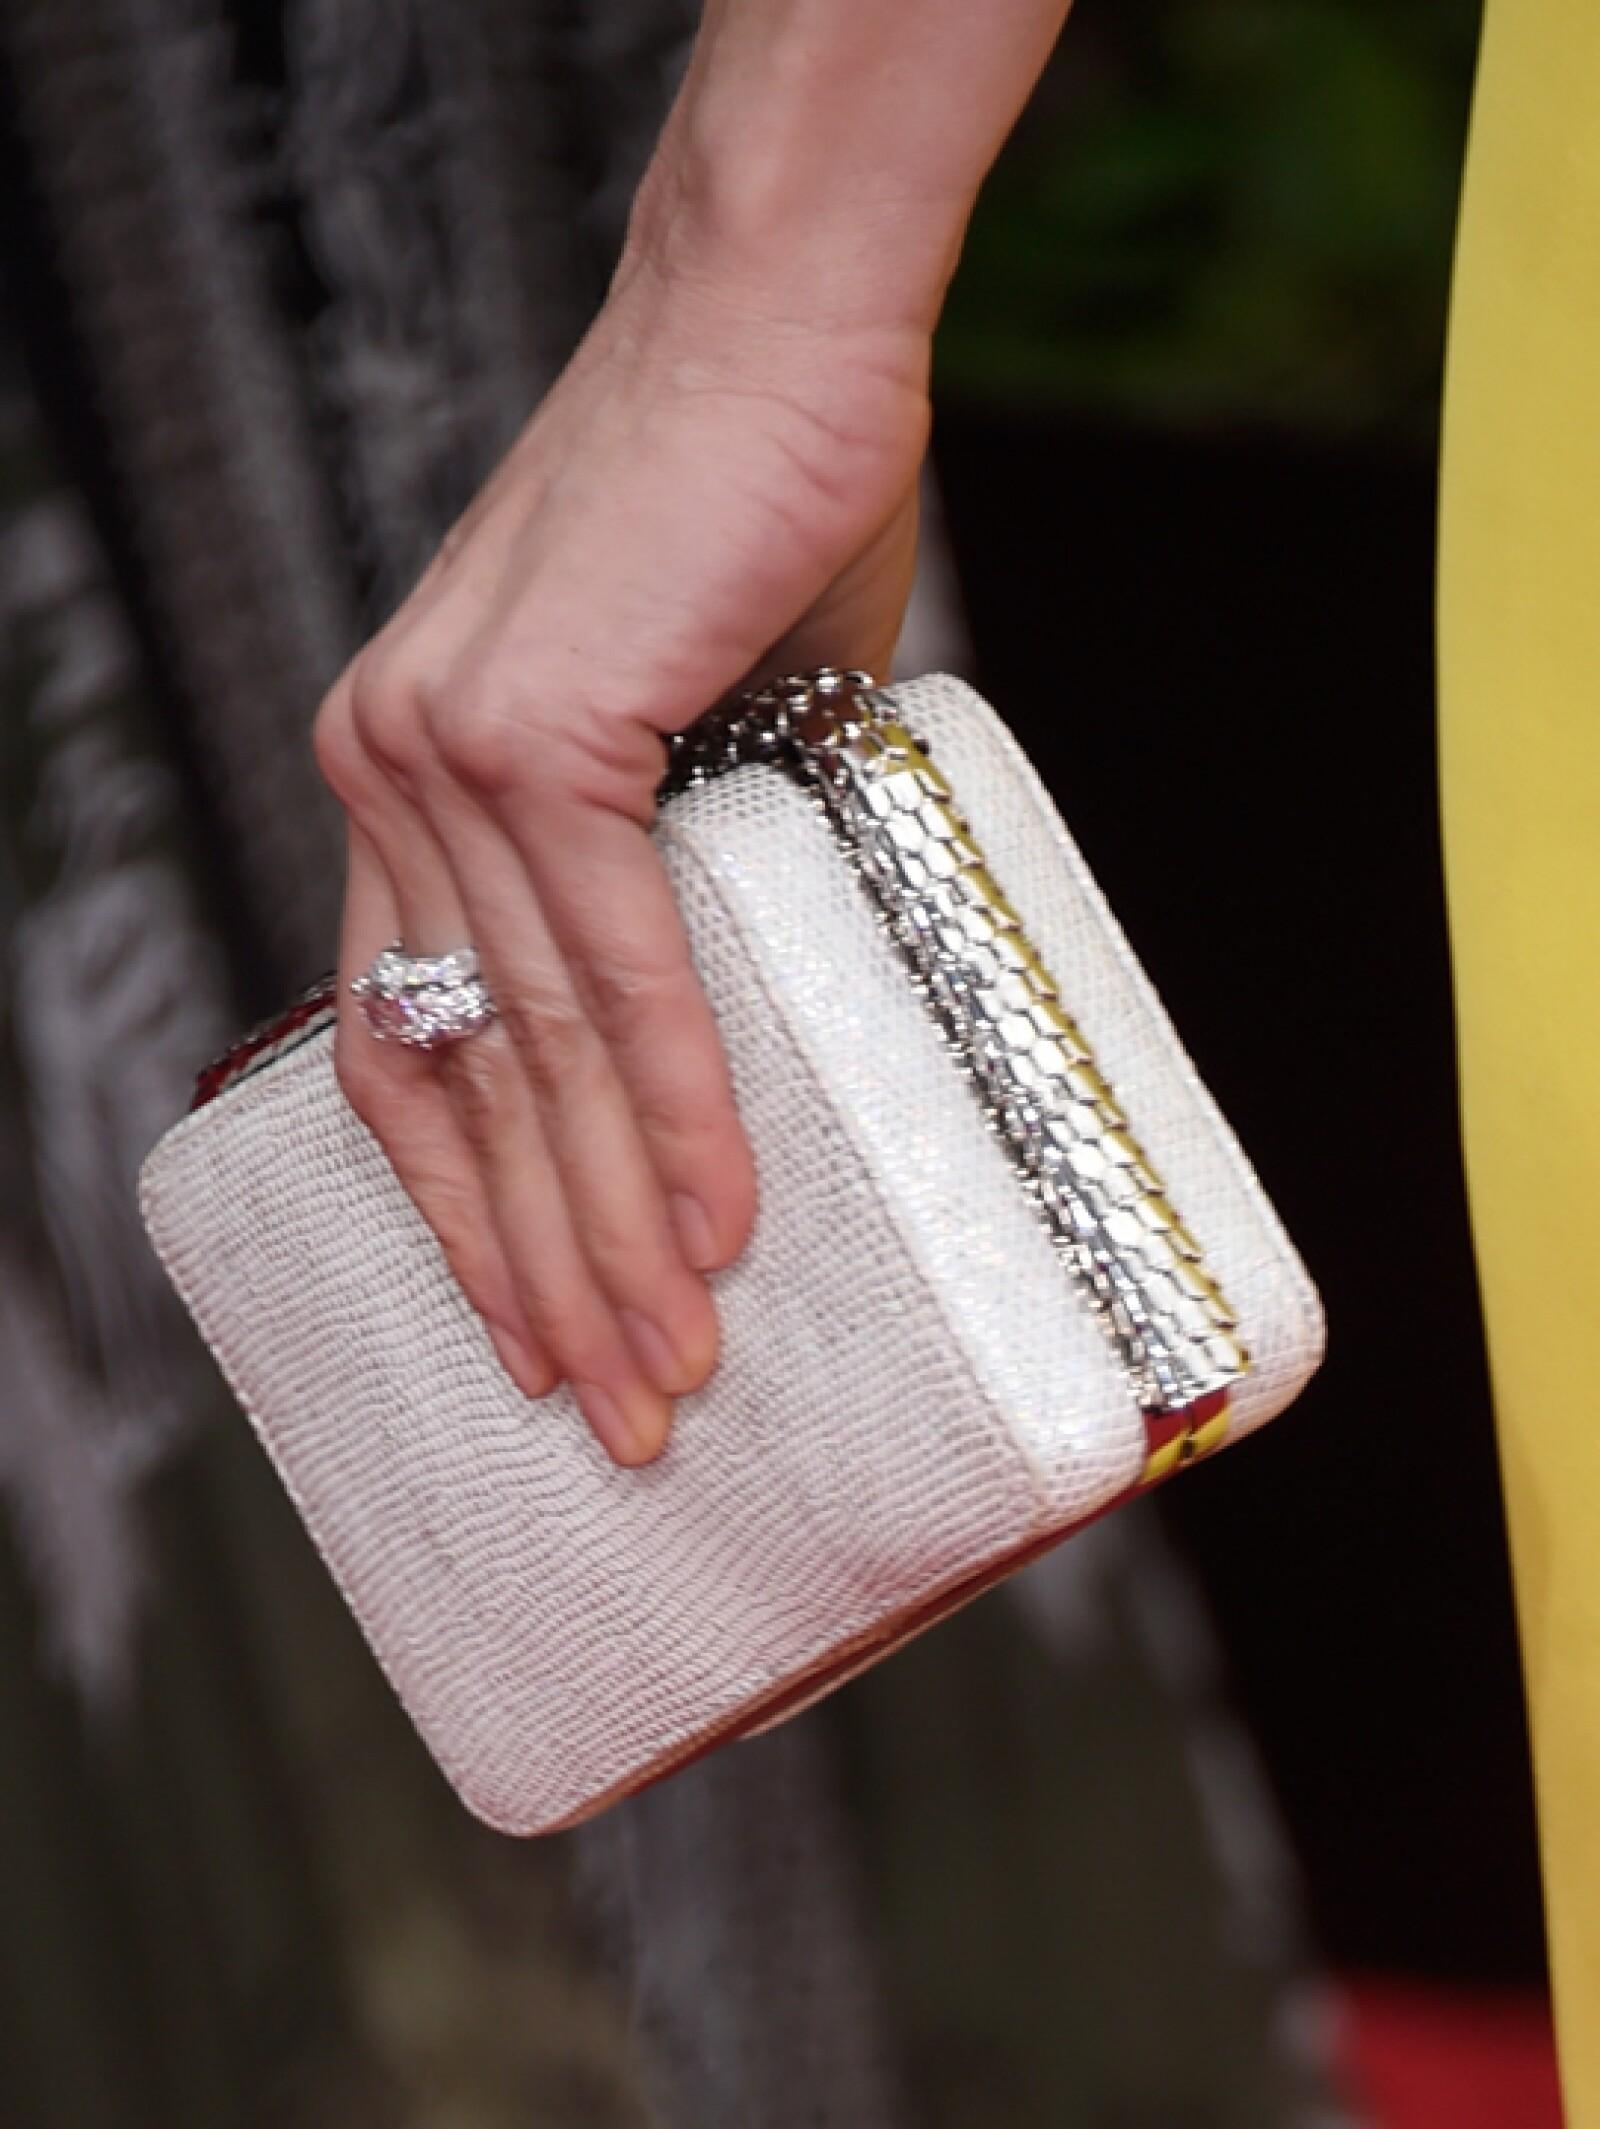 Usó un anillo Serpenti con diamantes Pavé, un anillo en oro blanco con un diamante corte esmeralda, 8 diamantes corte marguise y diamantes Pavé de Bulgari.